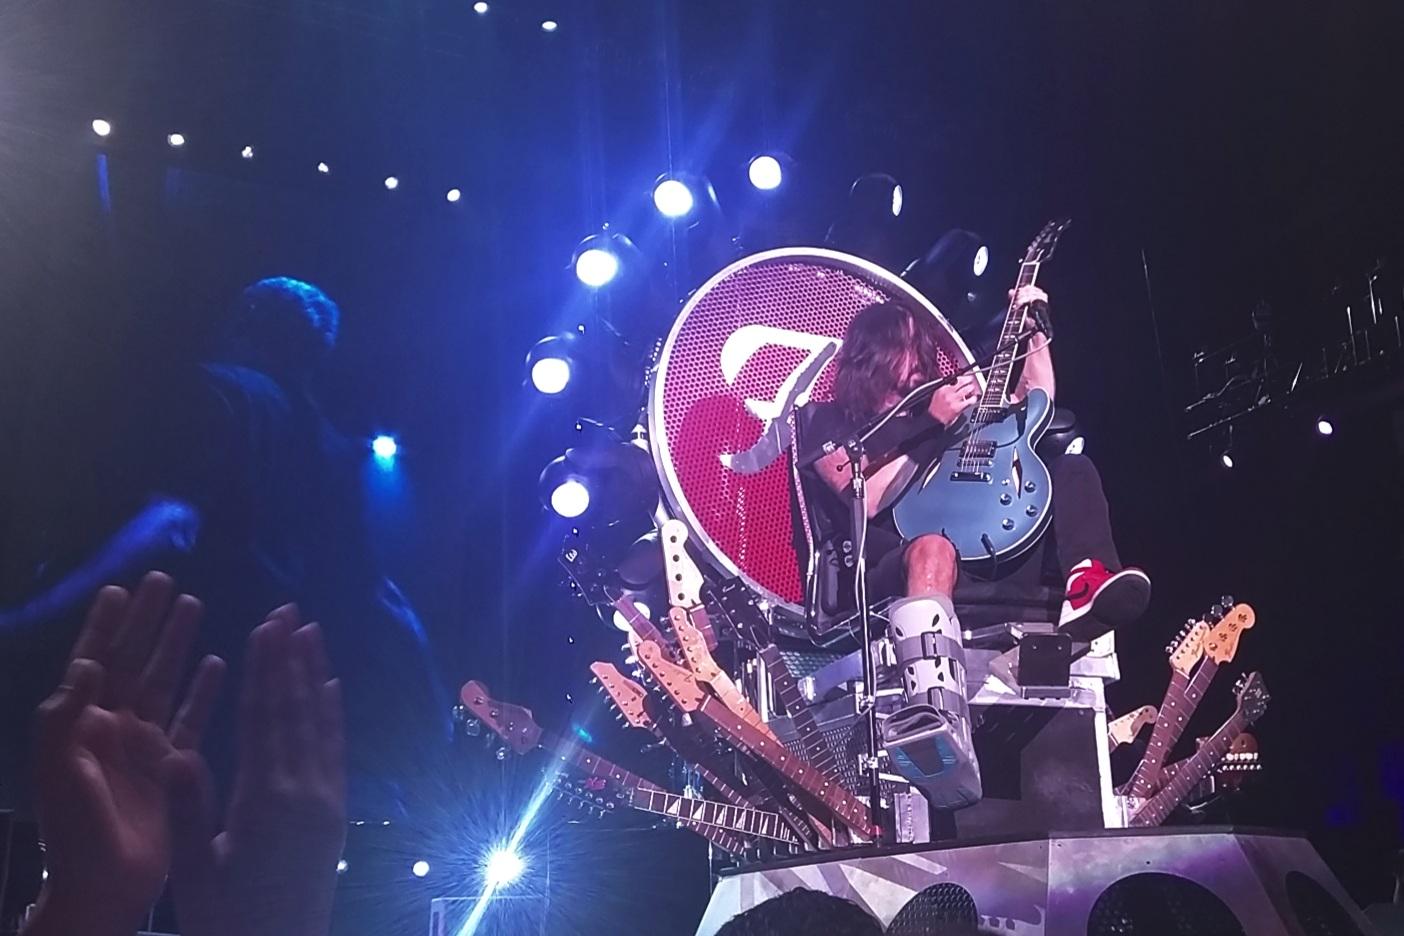 Foo Fighters - Front row. Denver, Colorado, 2015.